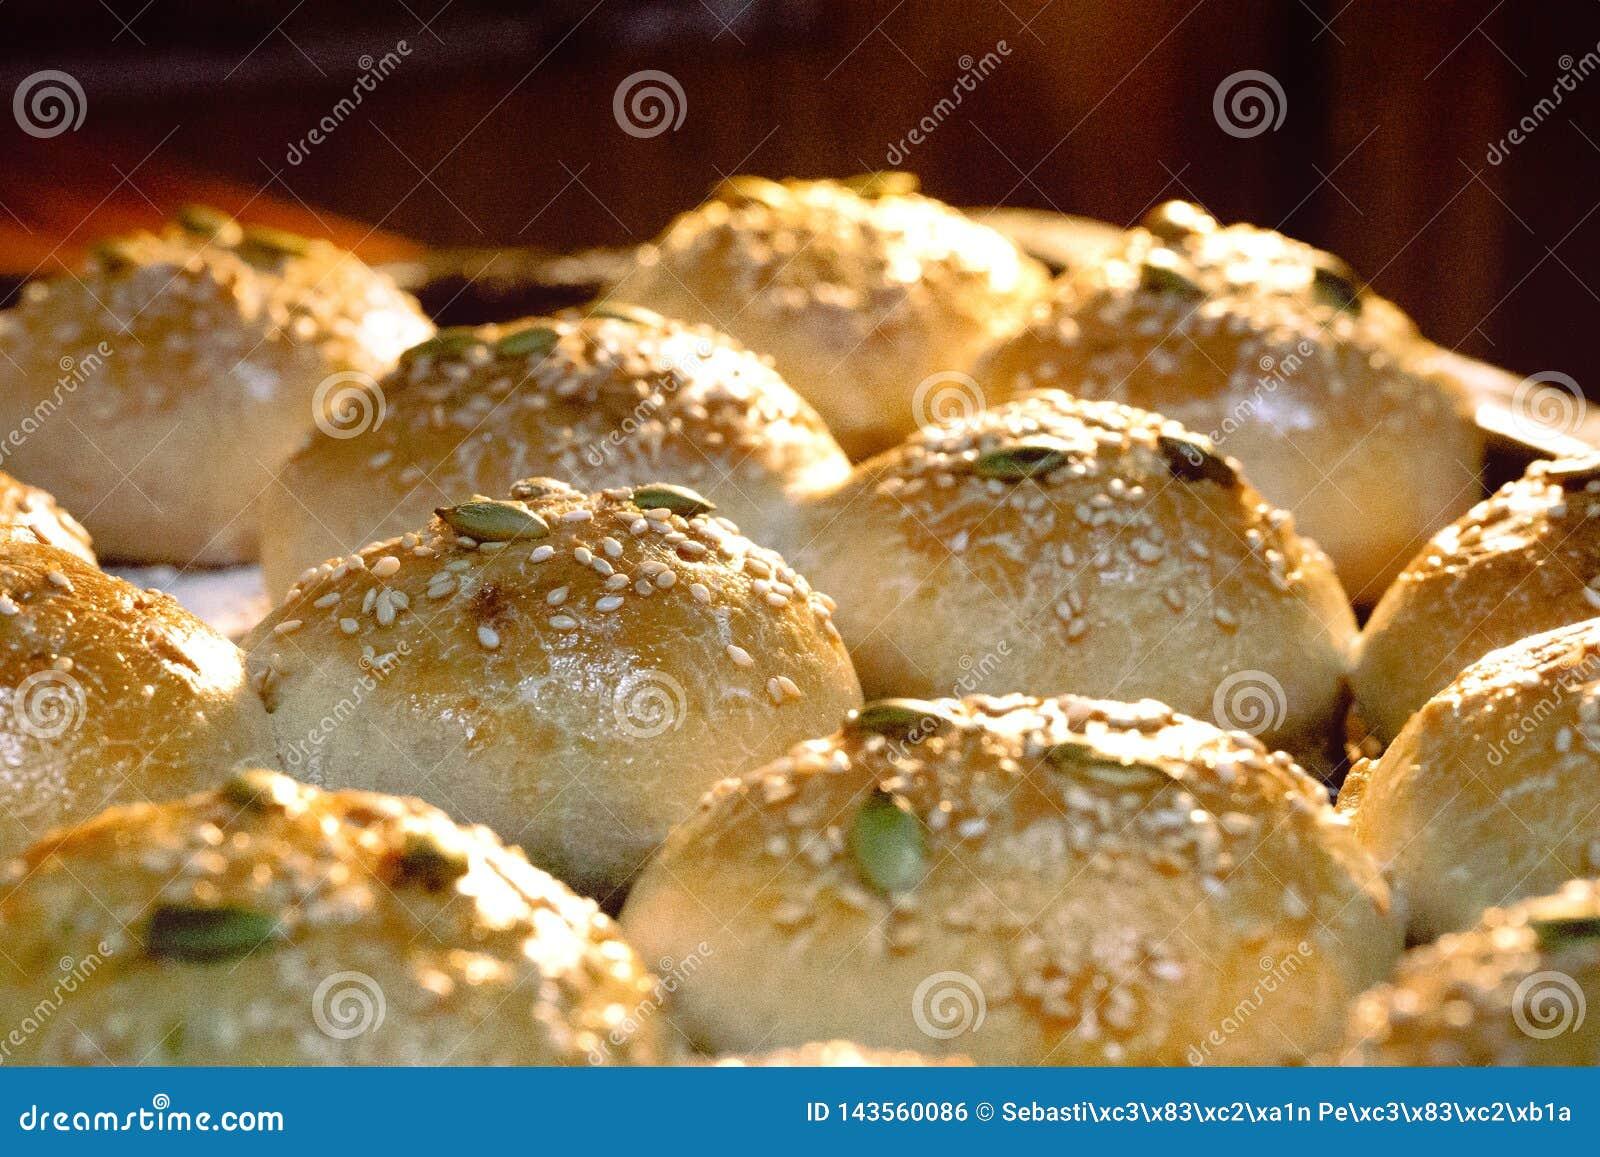 Forno cozido do pão